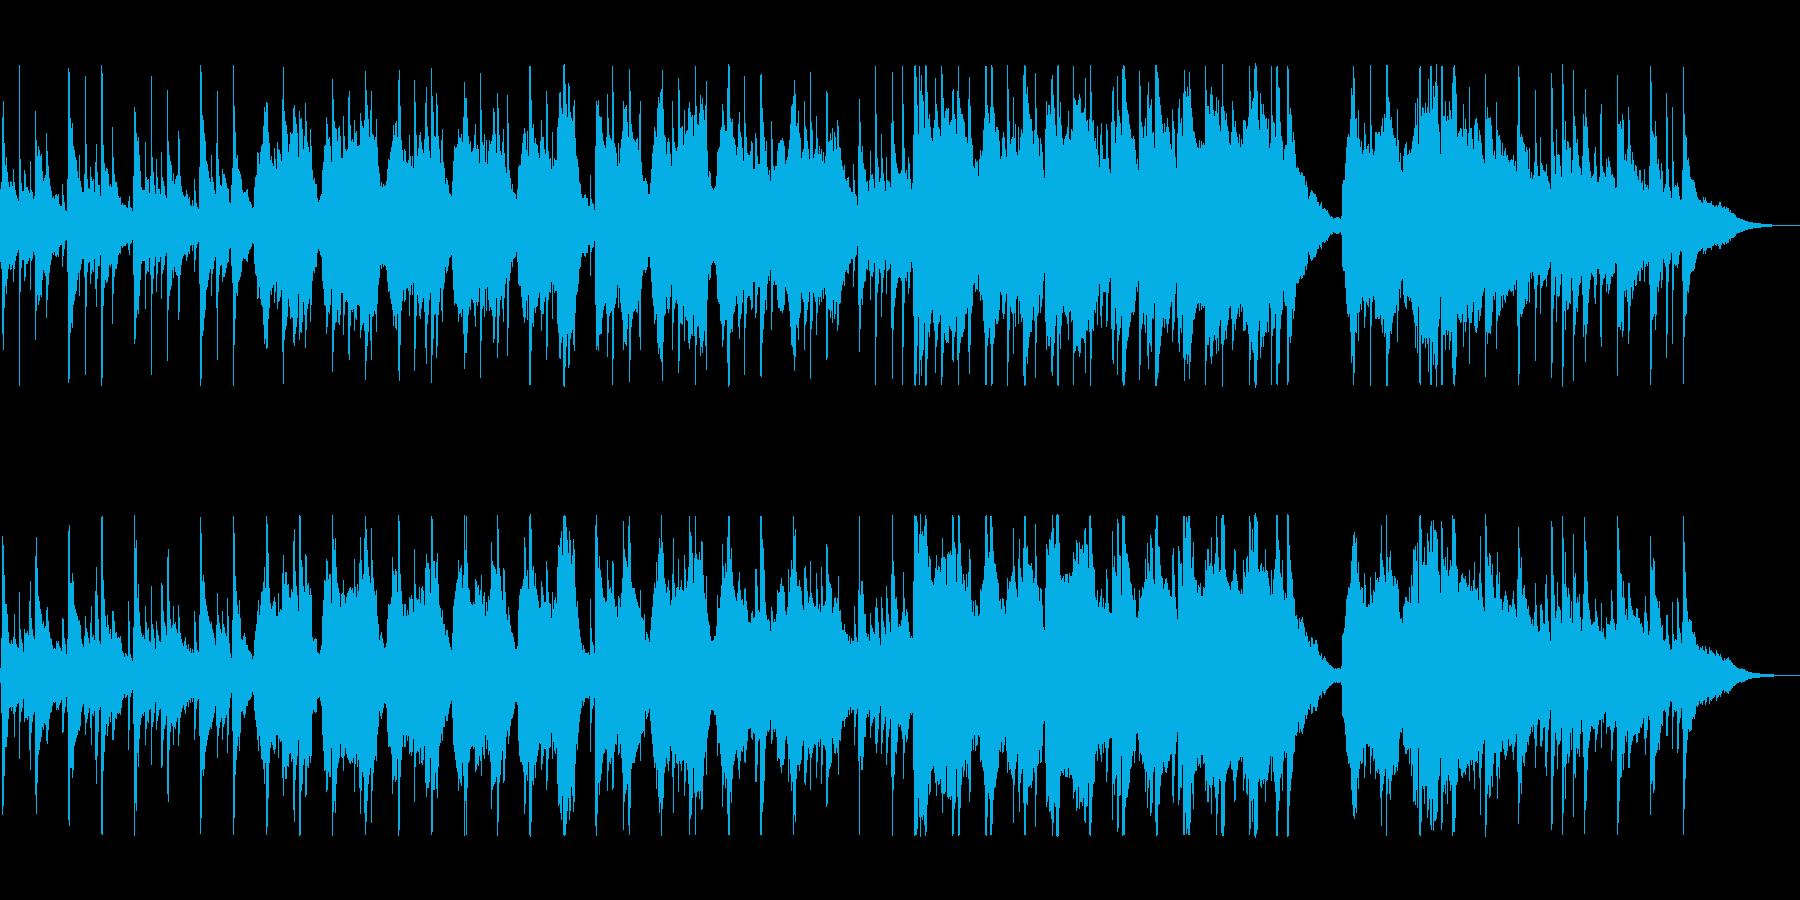 ゆったりとリラックスできるケルト音楽の再生済みの波形